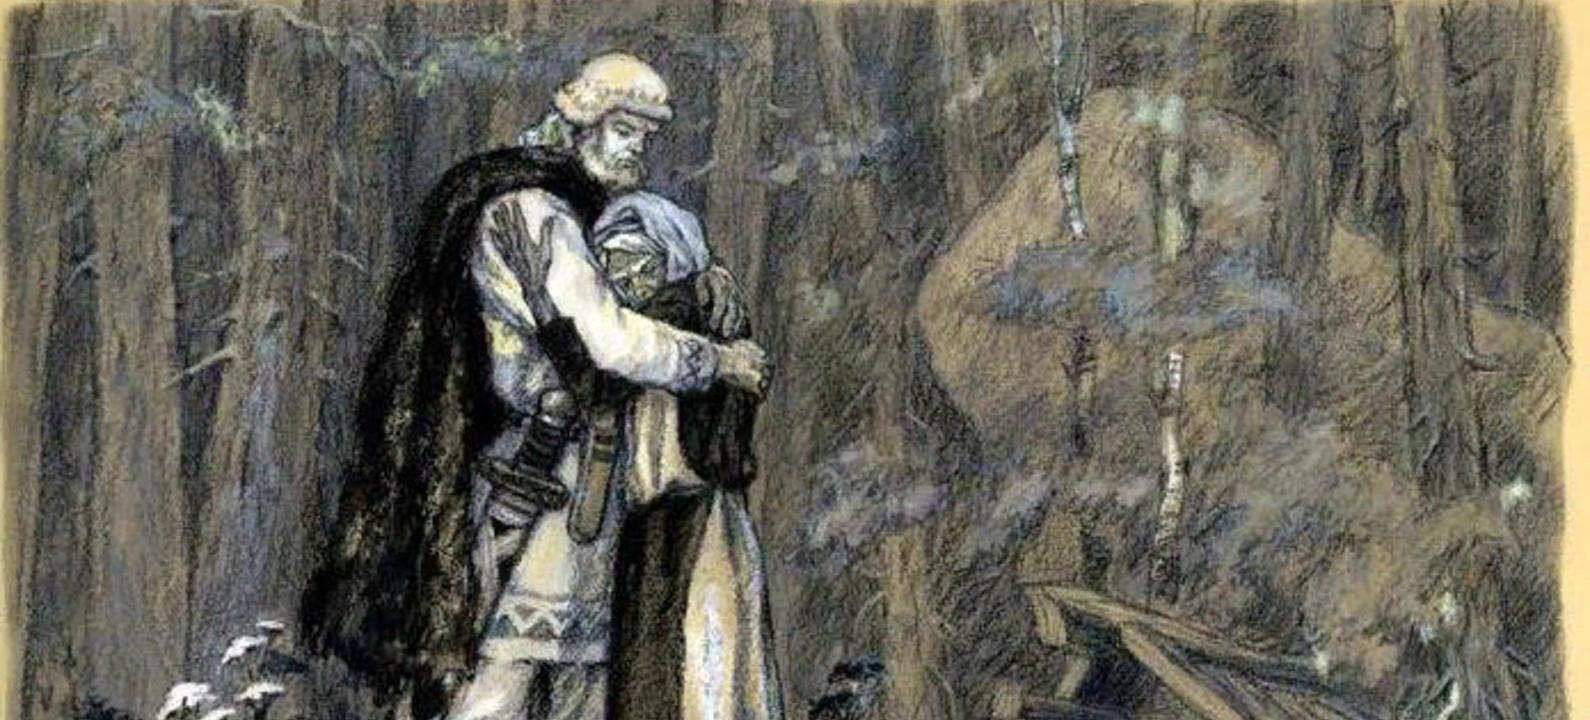 Картинки к карело финскому эпосу калевала